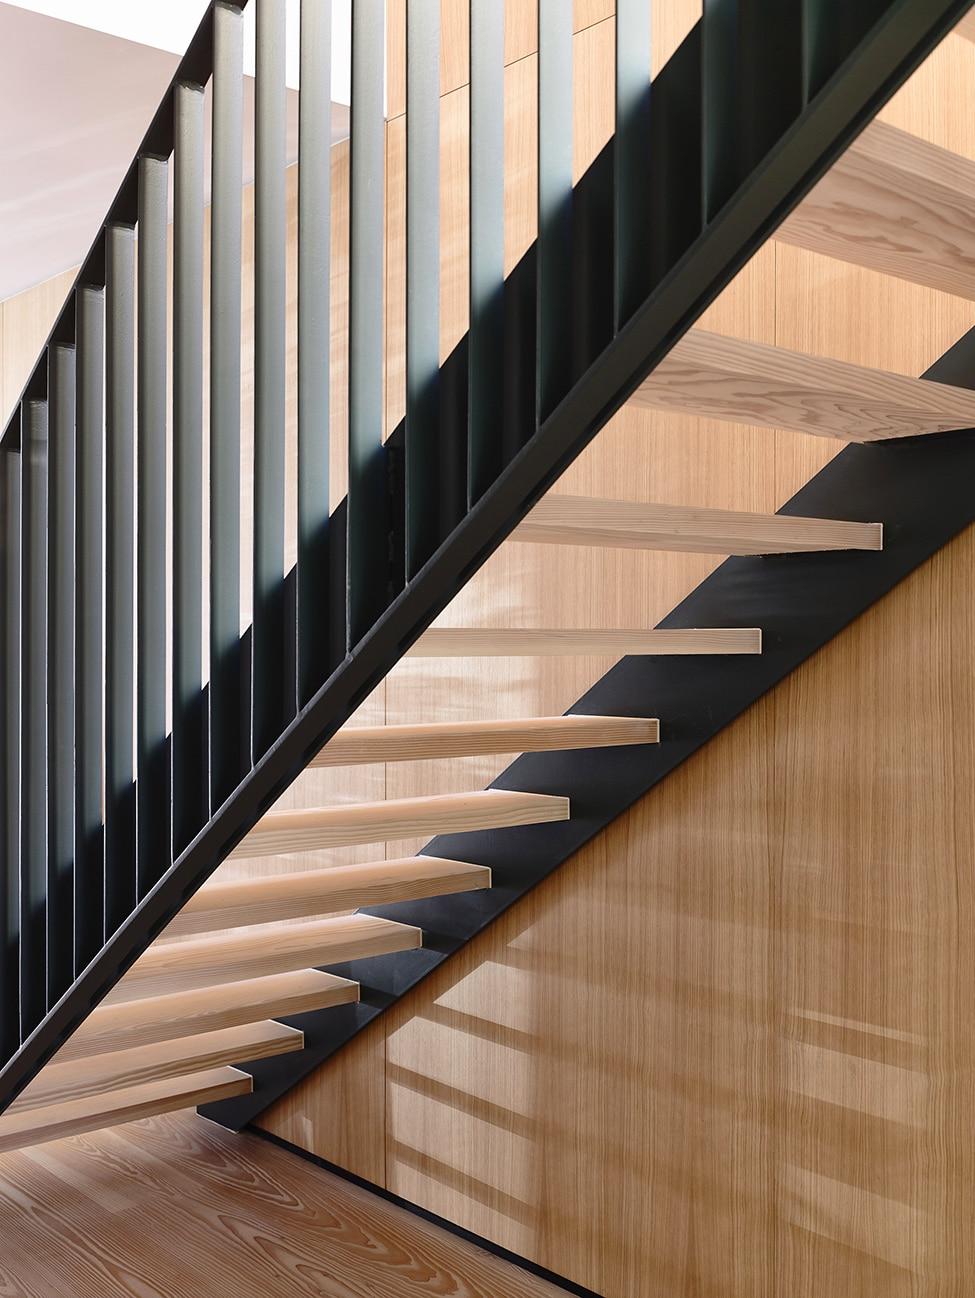 Detalles de escaleras modernas pelda os de madera y pasamano de hierro construye hogar - Escaleras de madera modernas ...